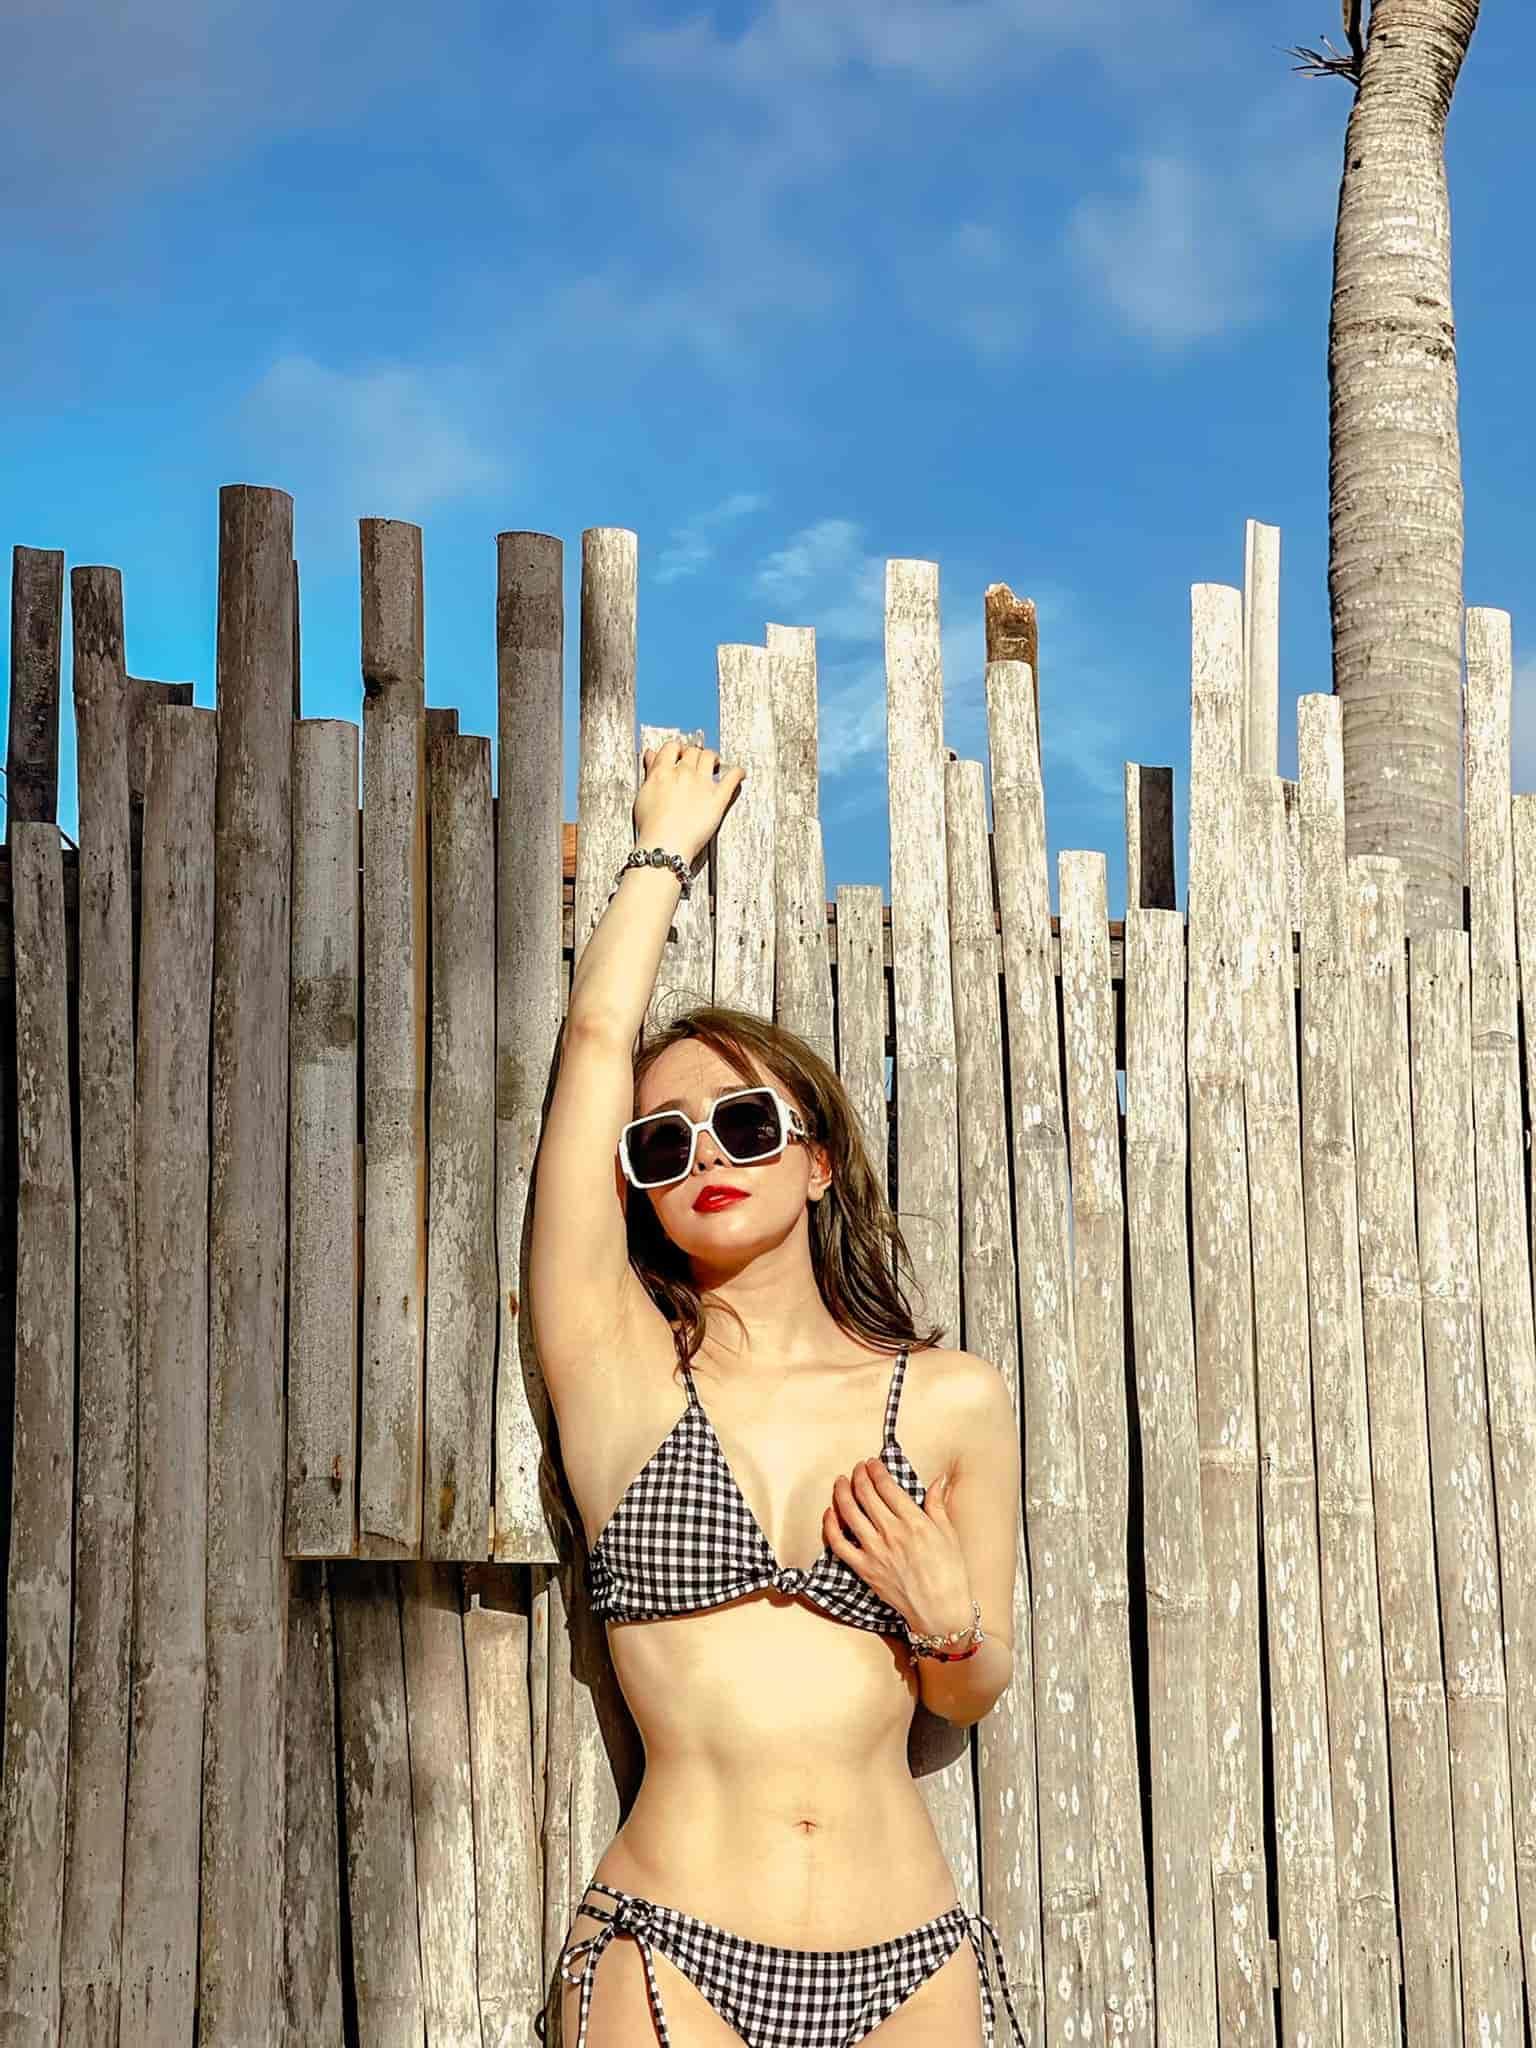 Quỳnh Nga thả ảnh mặc bikini khoe body vệ nữ, bụng nổi múi, Việt Anh vào khen câu mát lòng - 3